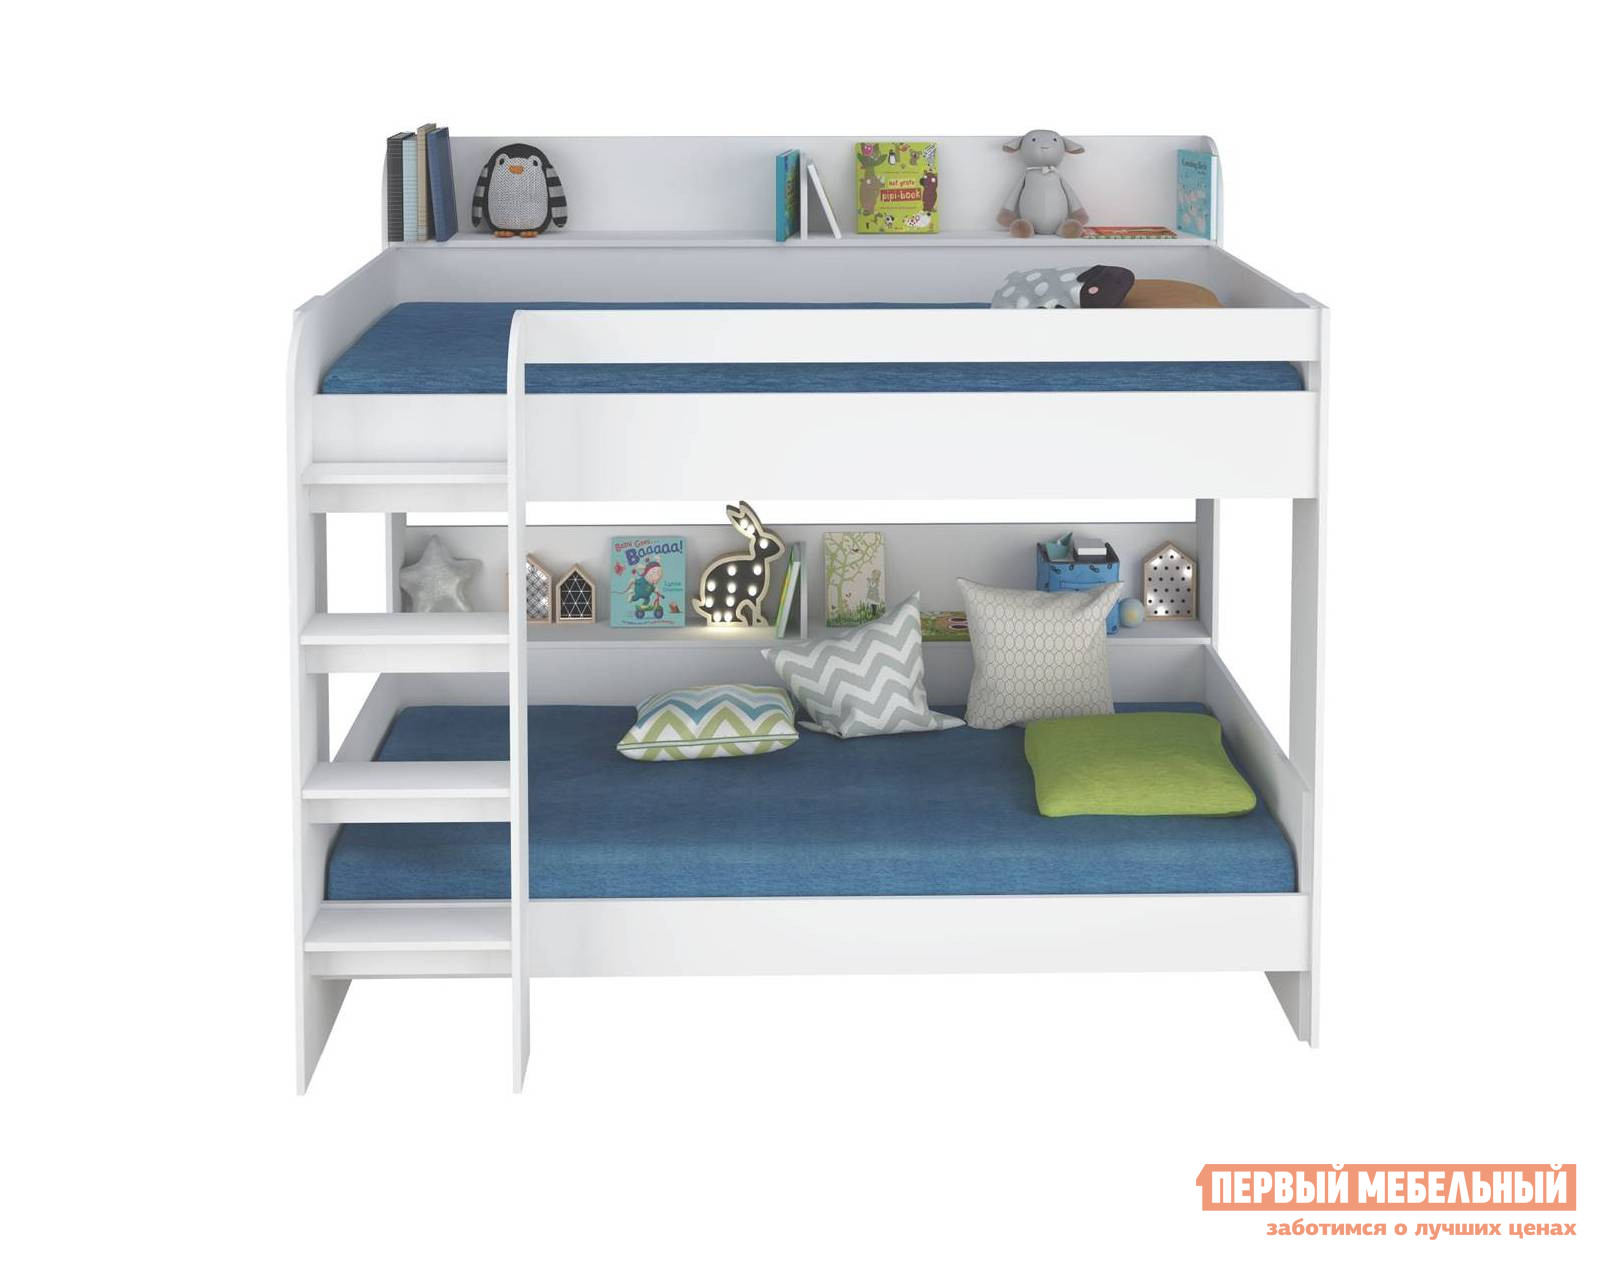 Двухъярусная кровать для детей ВПК Кровать 2-х ярусная Polini kids Simple 5000